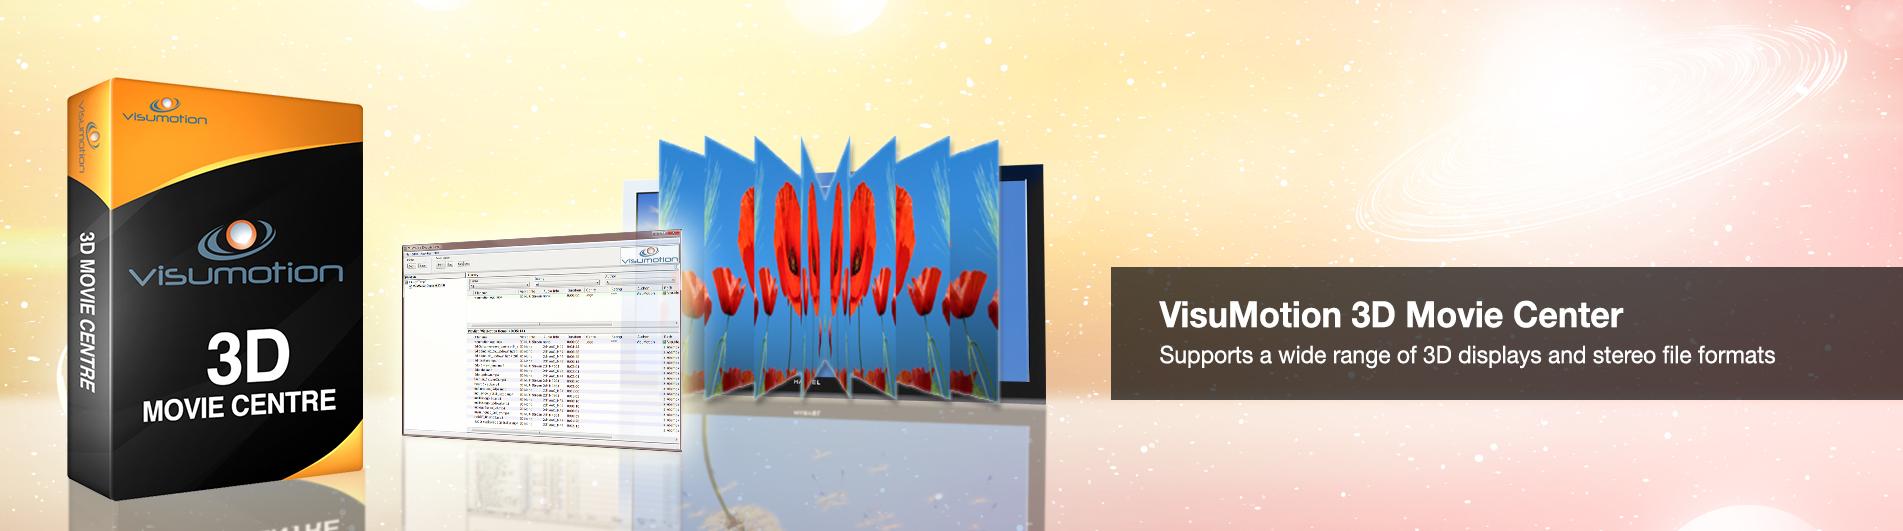 3Dmoviecentre